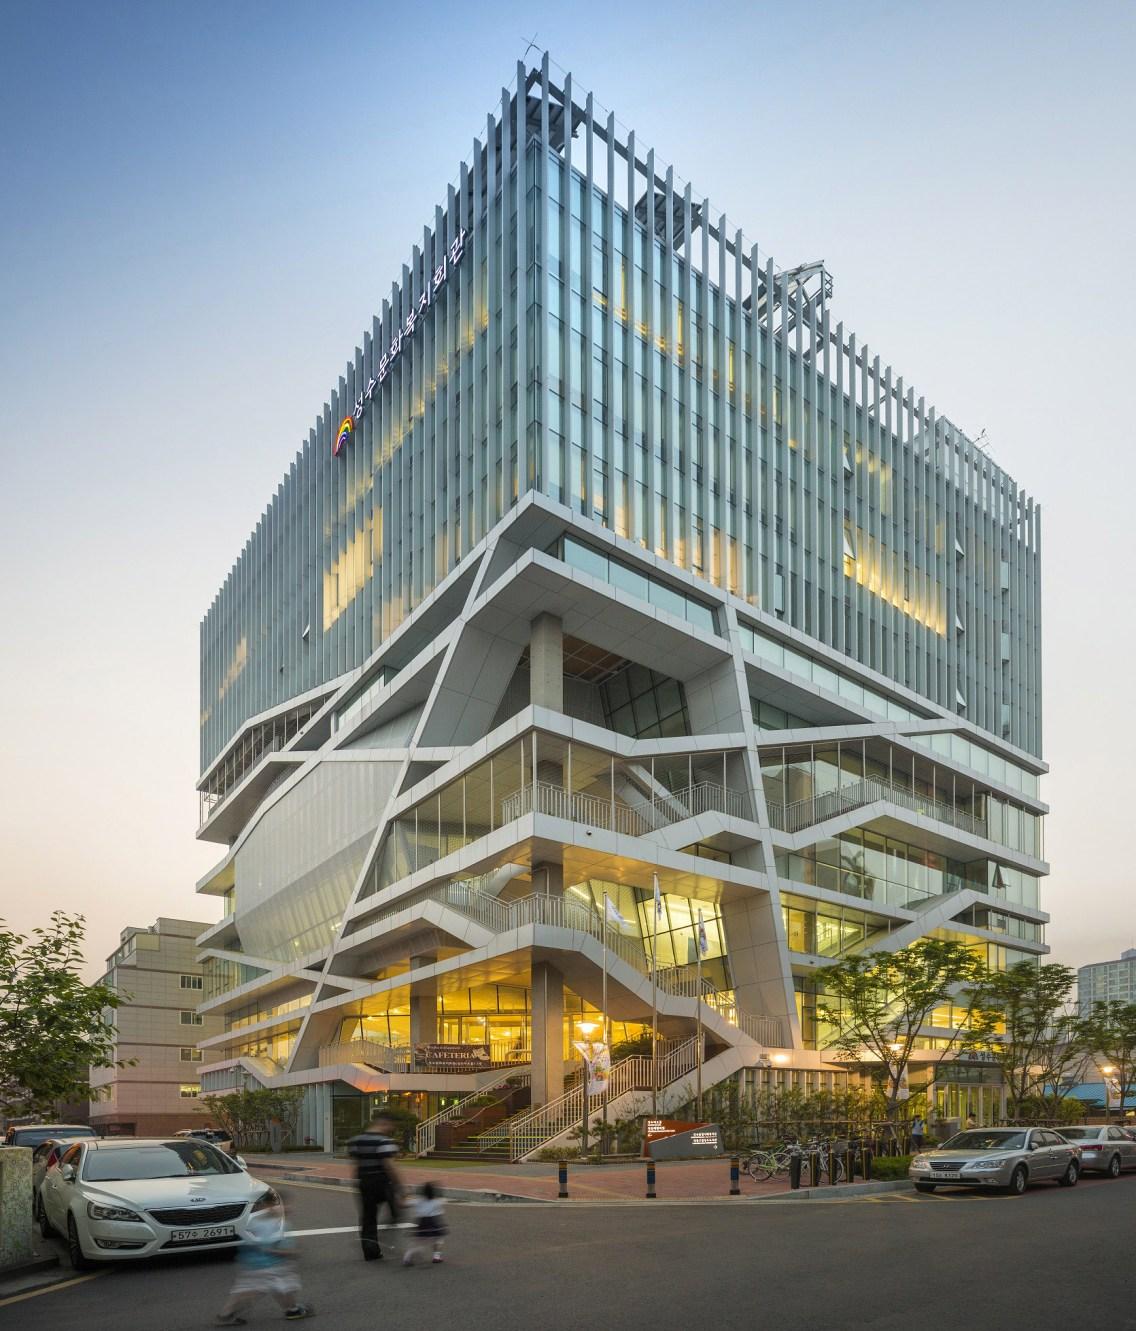 Seongdong Cultural & Welfare Center - Jang Yoon-gyoo